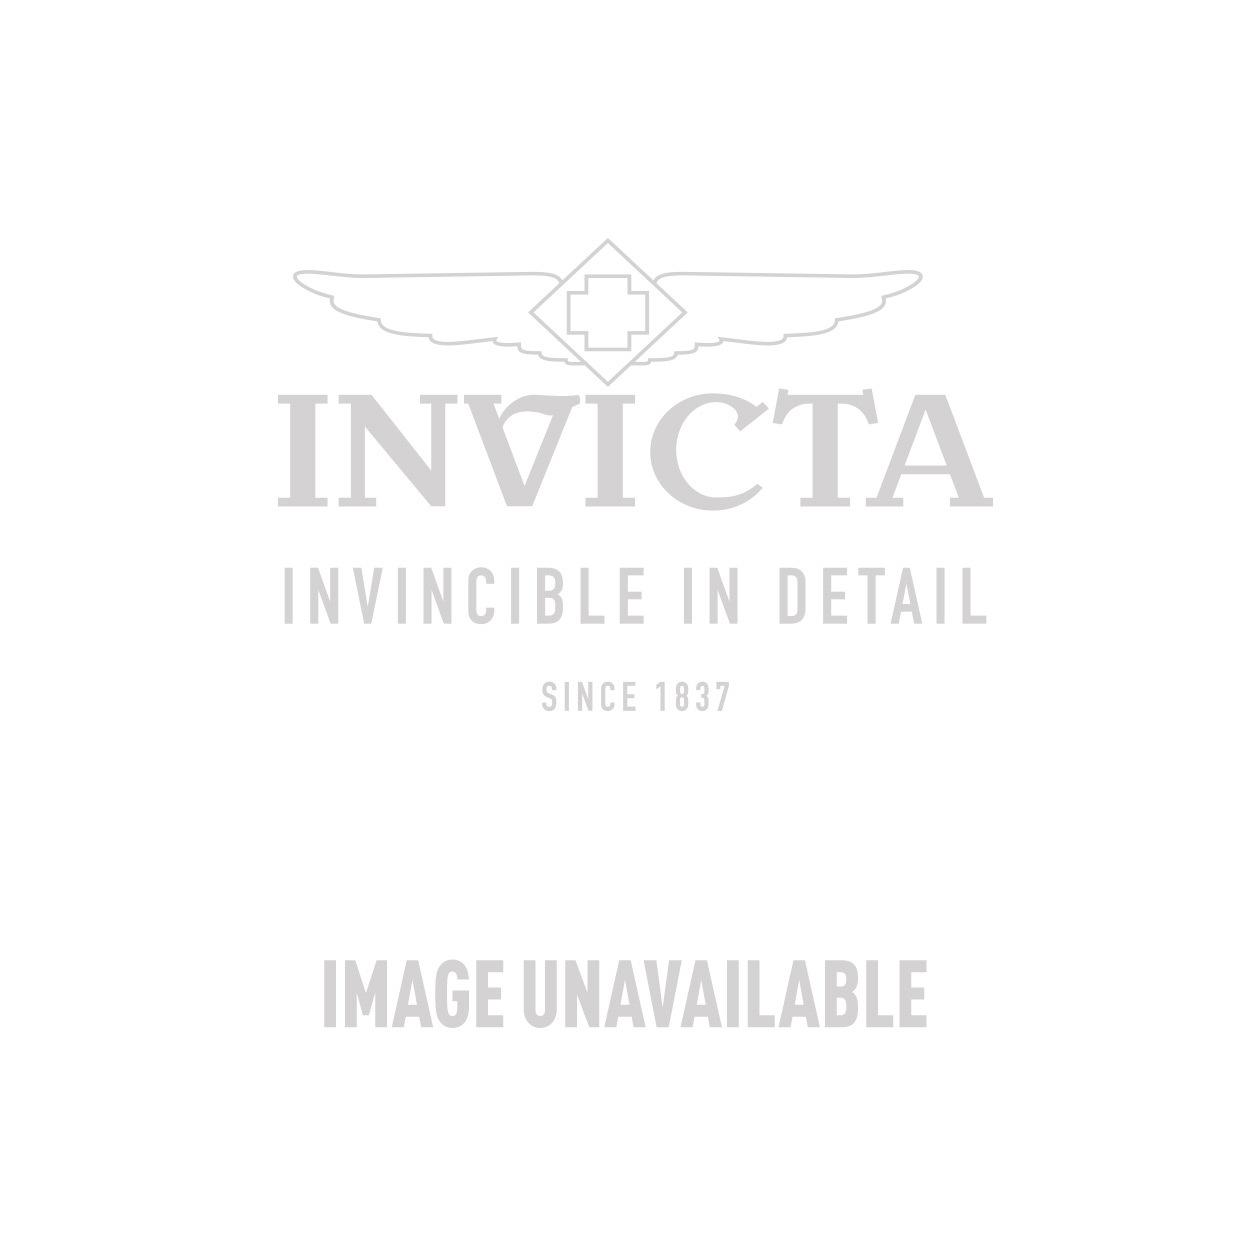 Invicta Model  25817